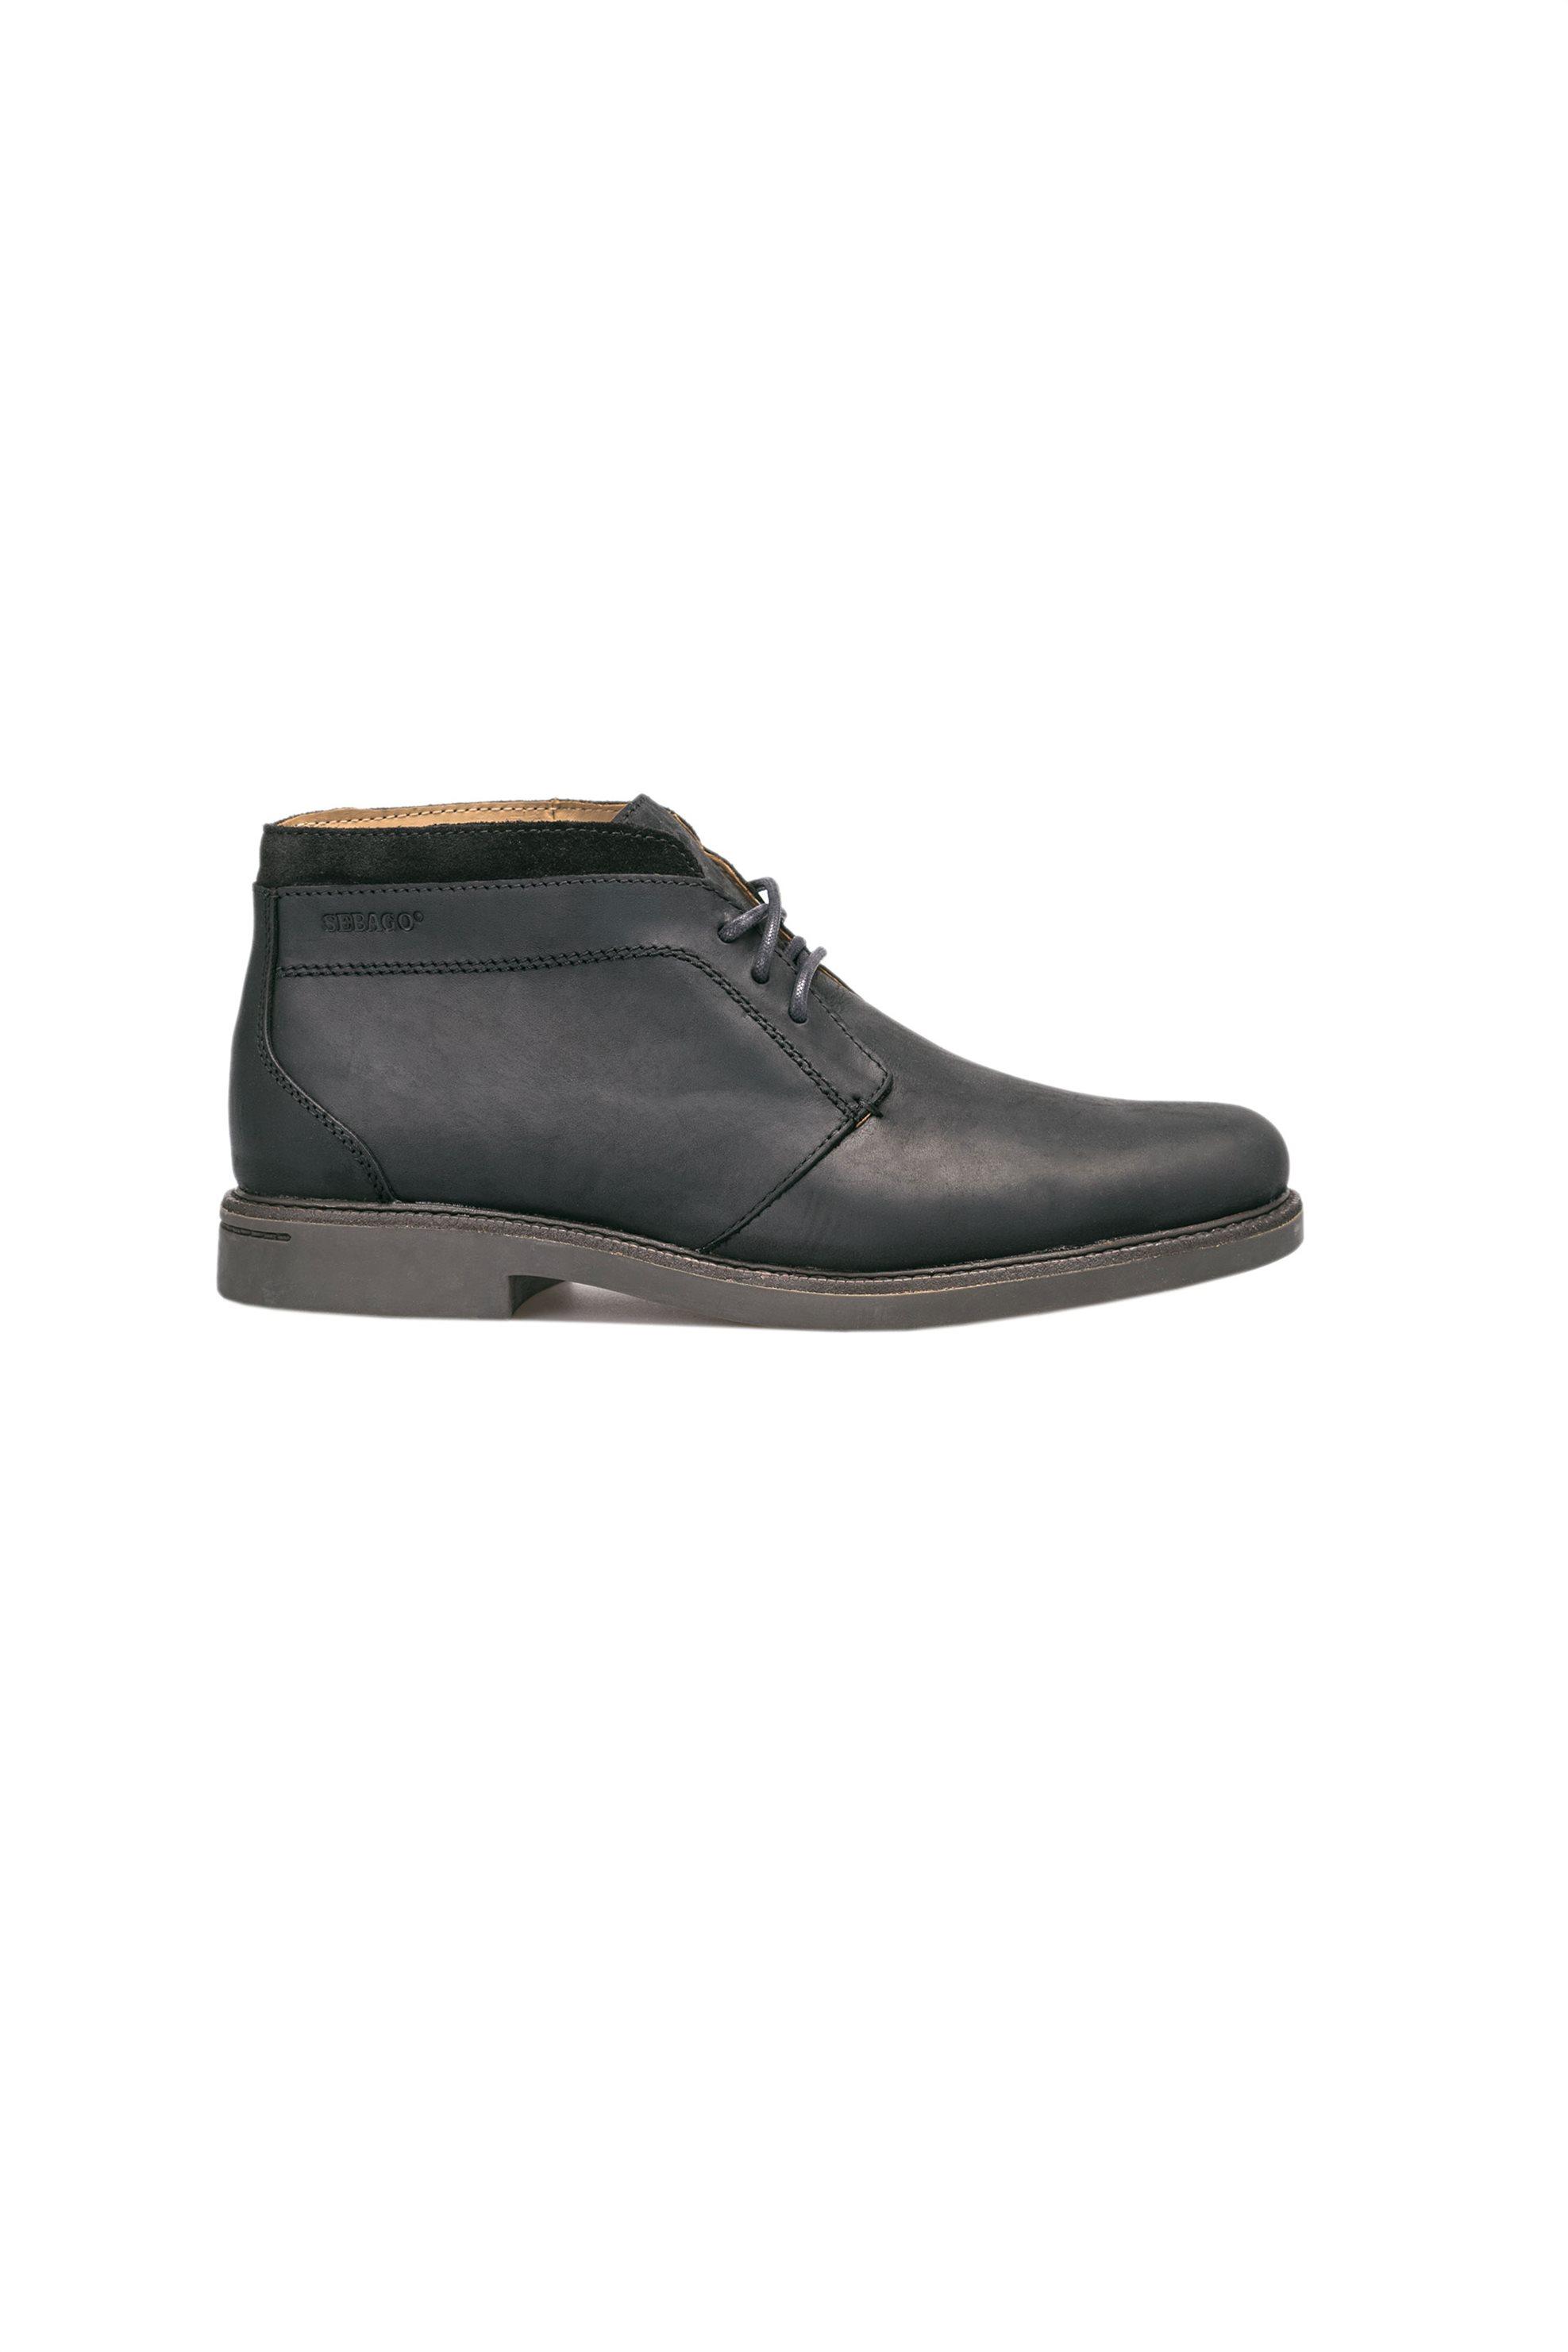 Ανδρικά παπούτσια Sebago – B810252 – Μαύρο